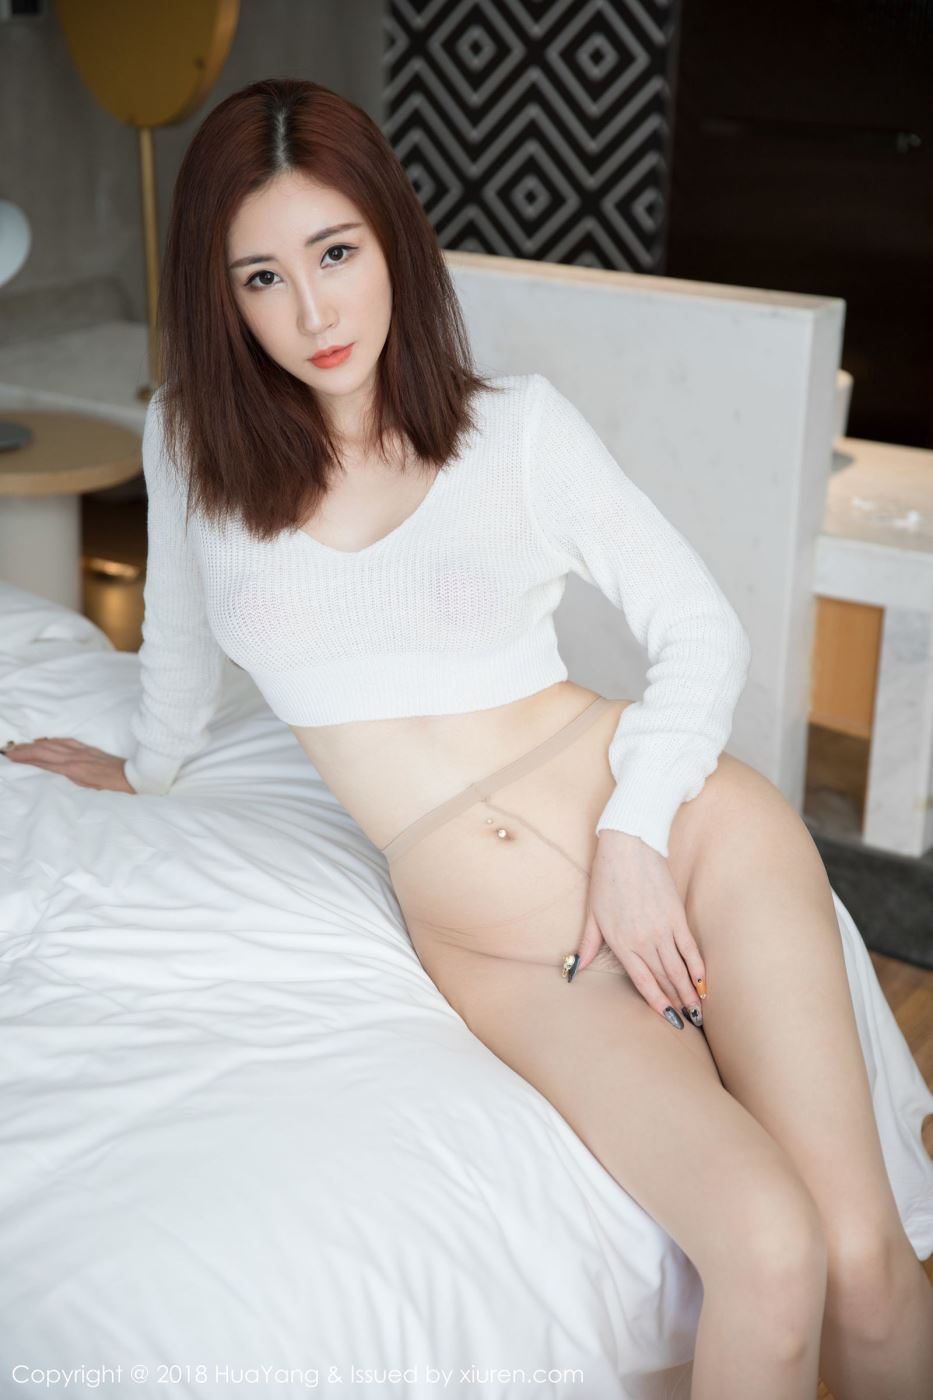 御姐范人气女神孙梦瑶性感丝袜美腿大尺度私房美女写真